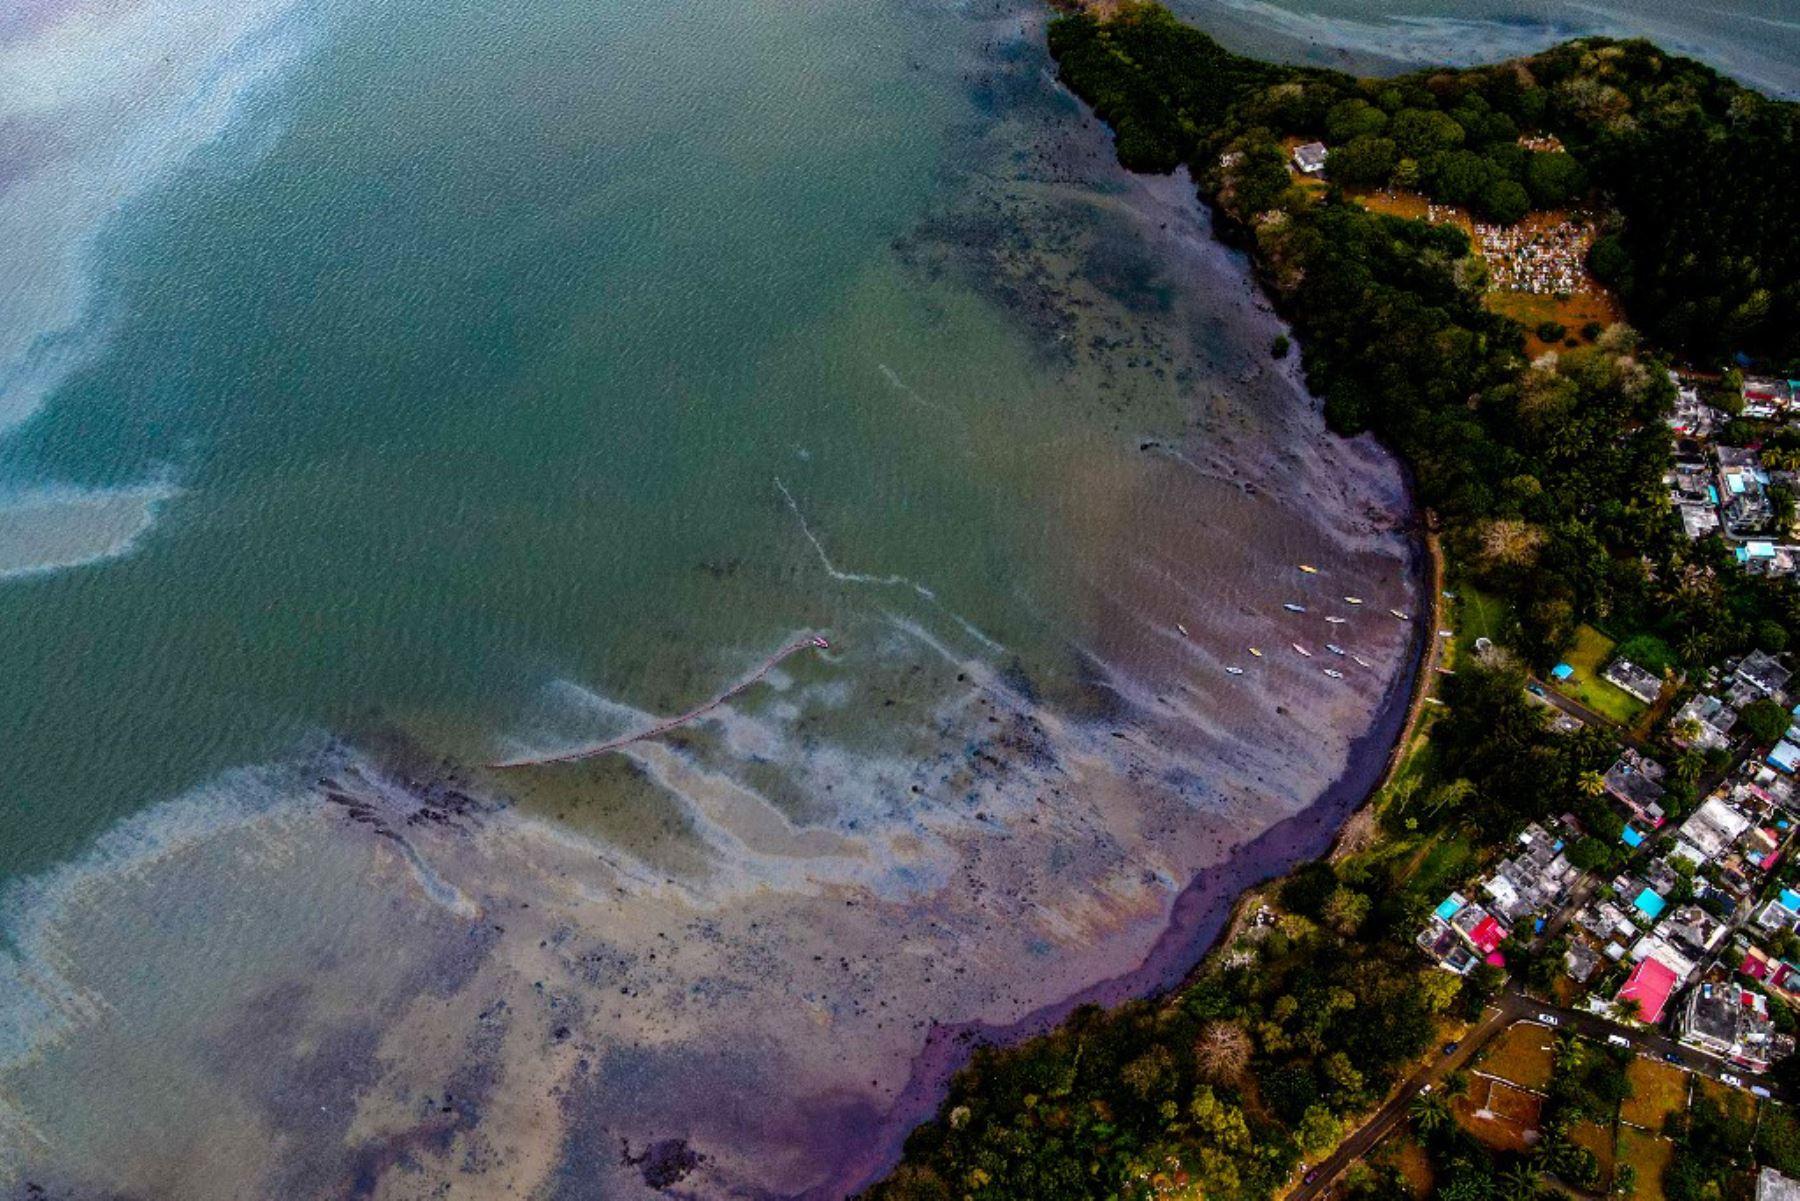 Esta vista aérea muestra una gran mancha de petróleo derramado del buque MV Wakashio, perteneciente a una empresa japonesa. Foto: AFP